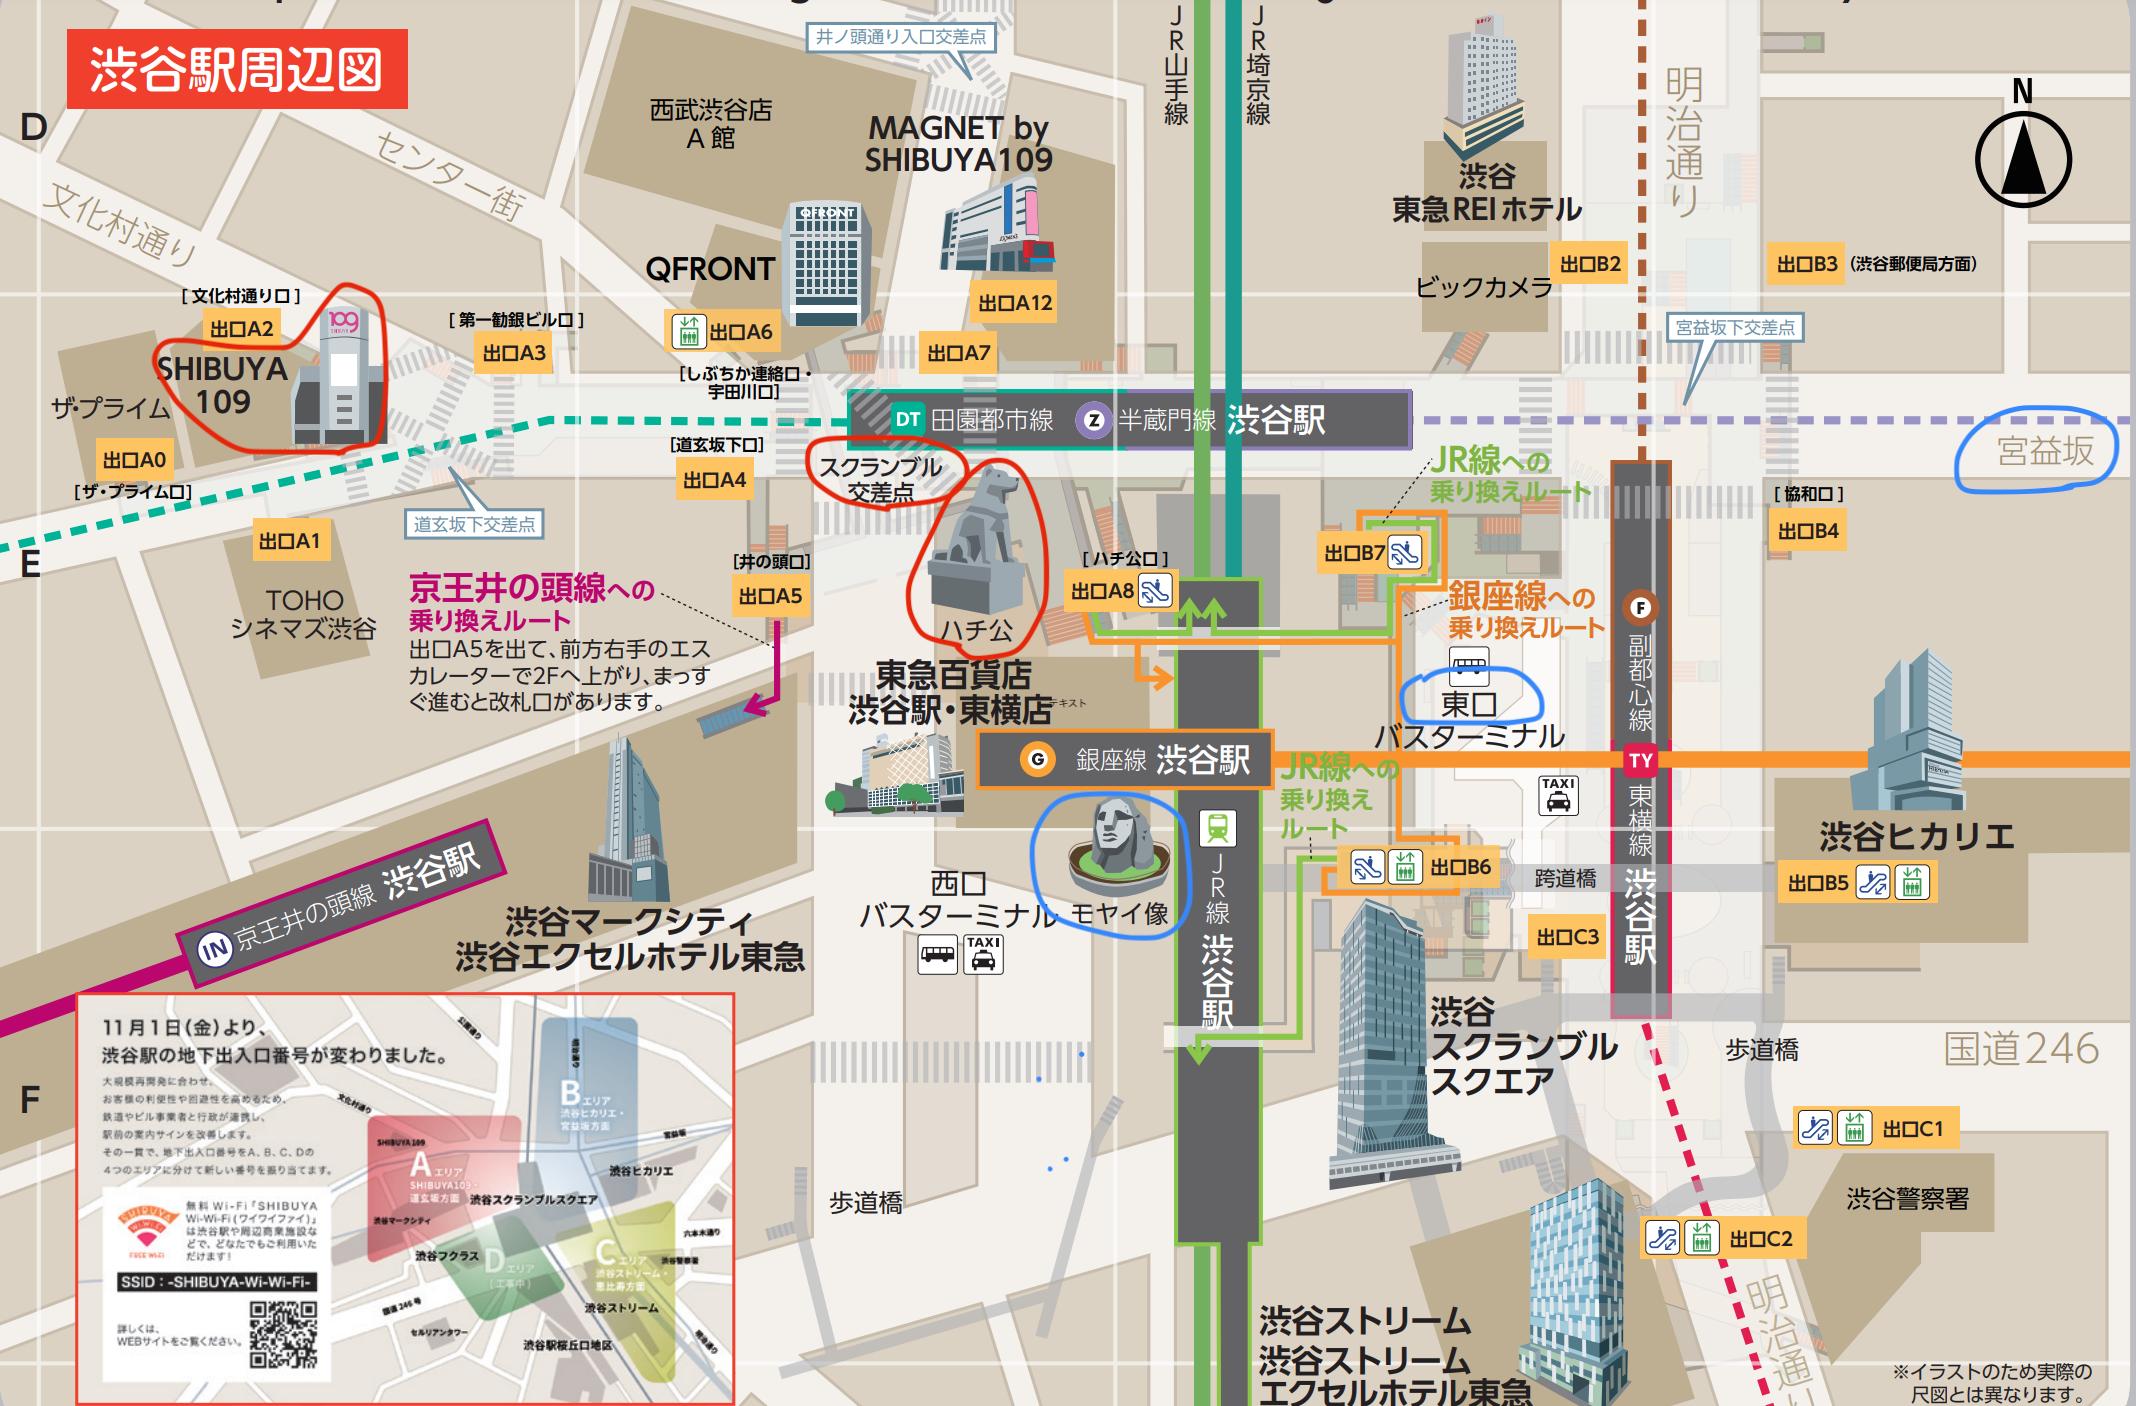 渋谷駅周辺地図2019